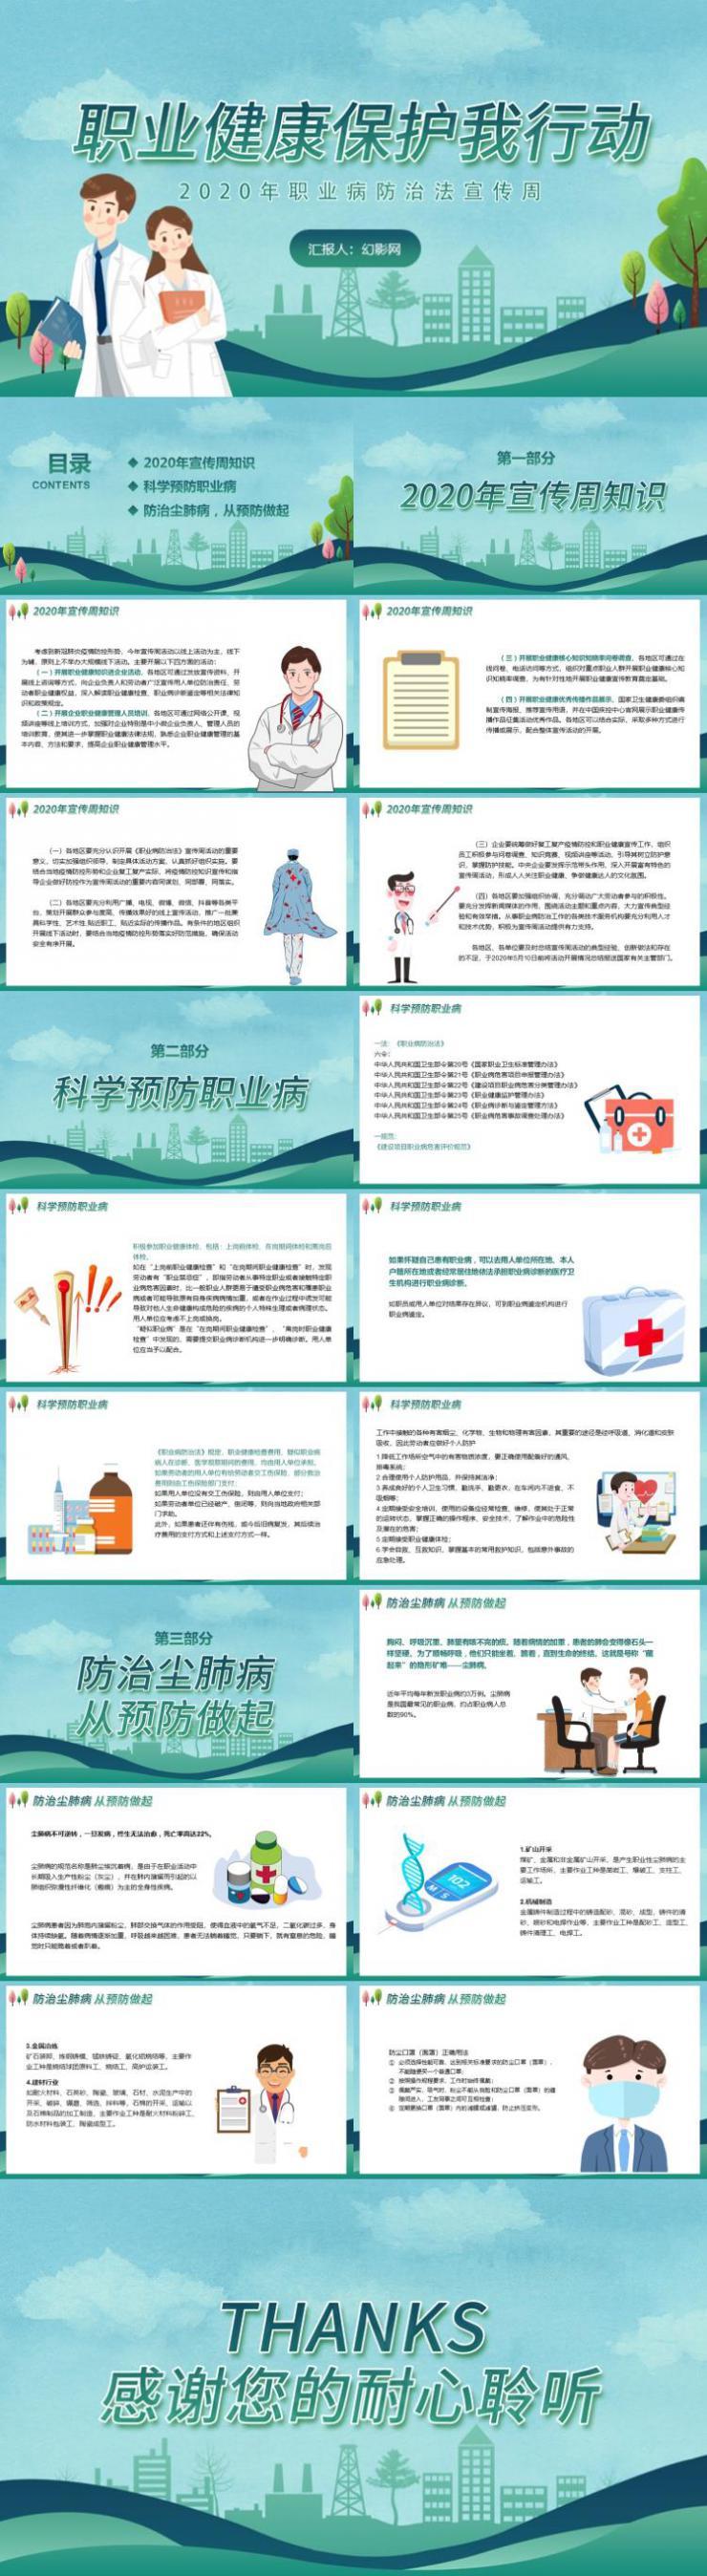 绿色卡通职业健康安全培训课件PPT模板